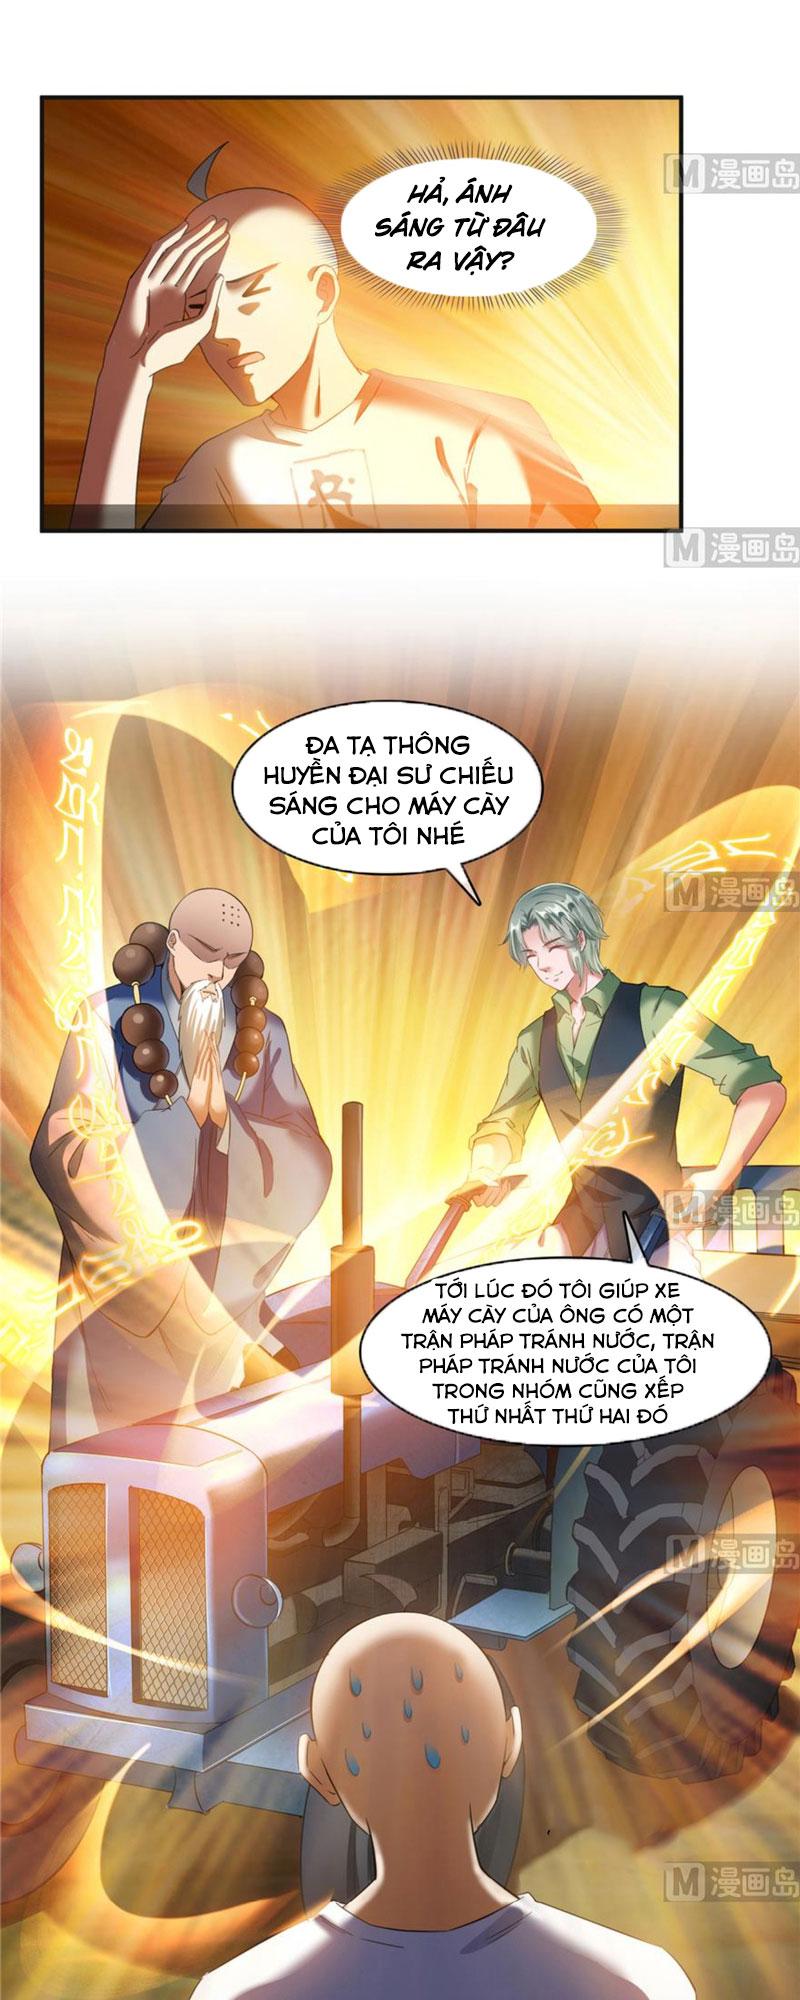 Tu Chân Nói Chuyện Phiếm Quần chap 246 - Trang 21